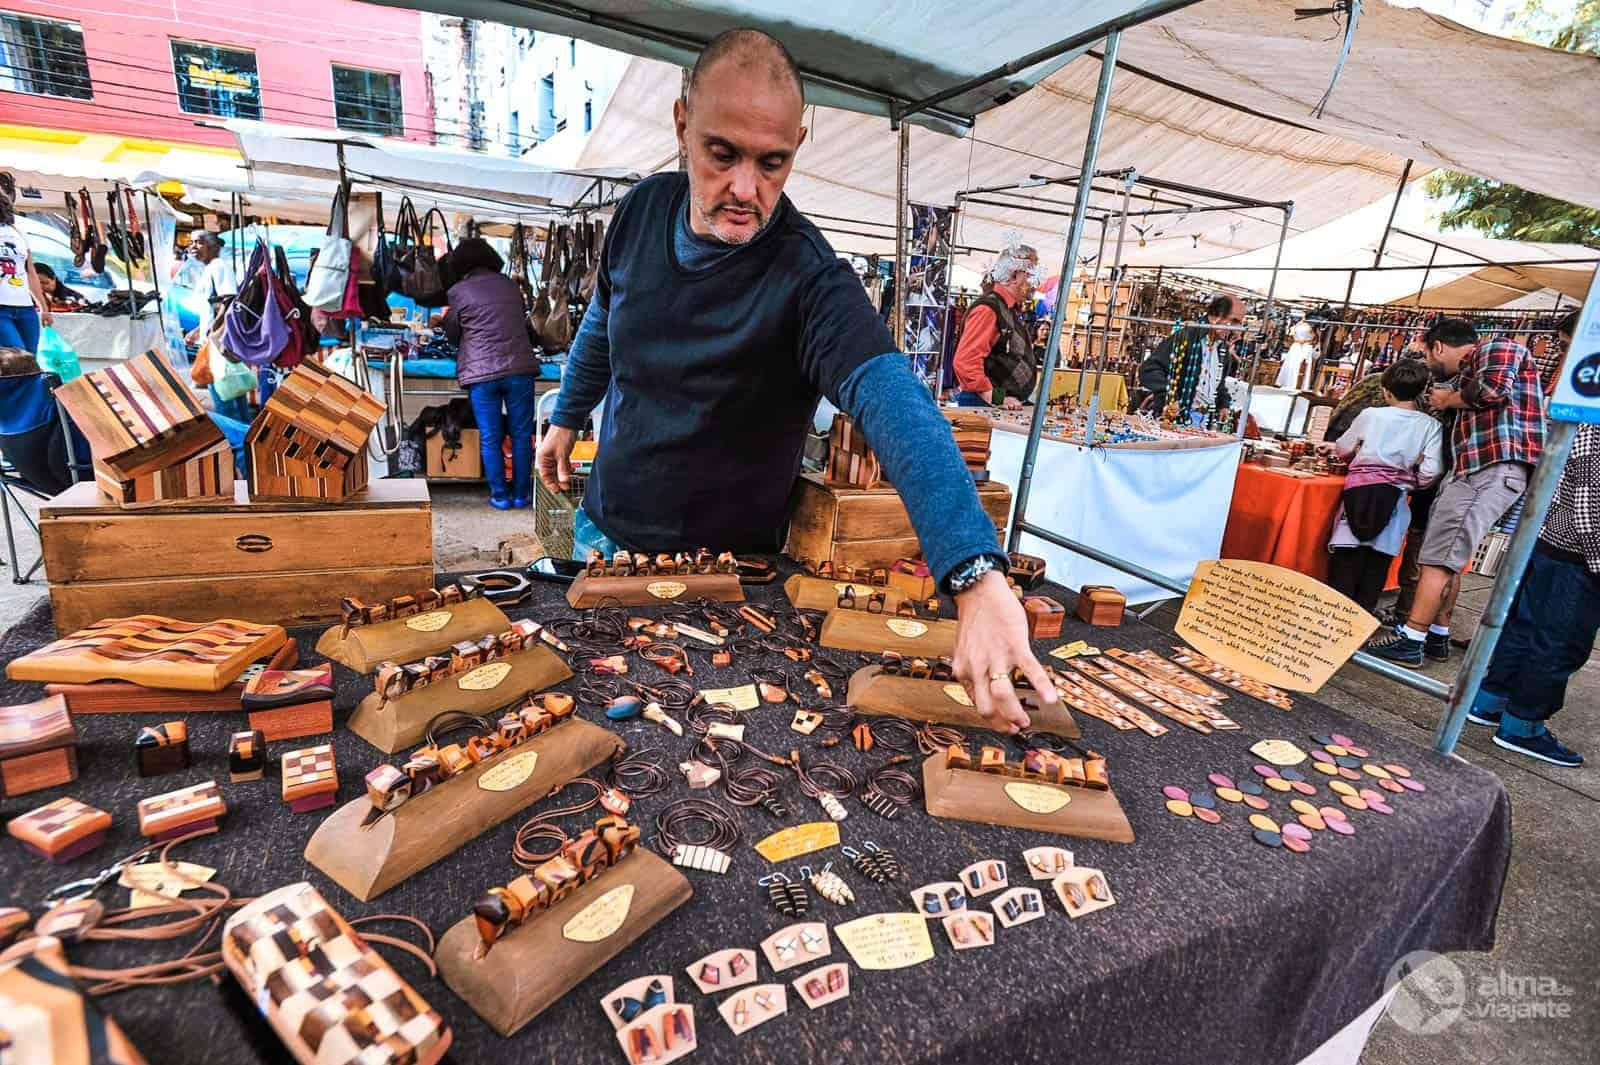 Antiguidades, chorinho e petiscos na feira da Praça Benedito Calixto - Alma  de Viajante